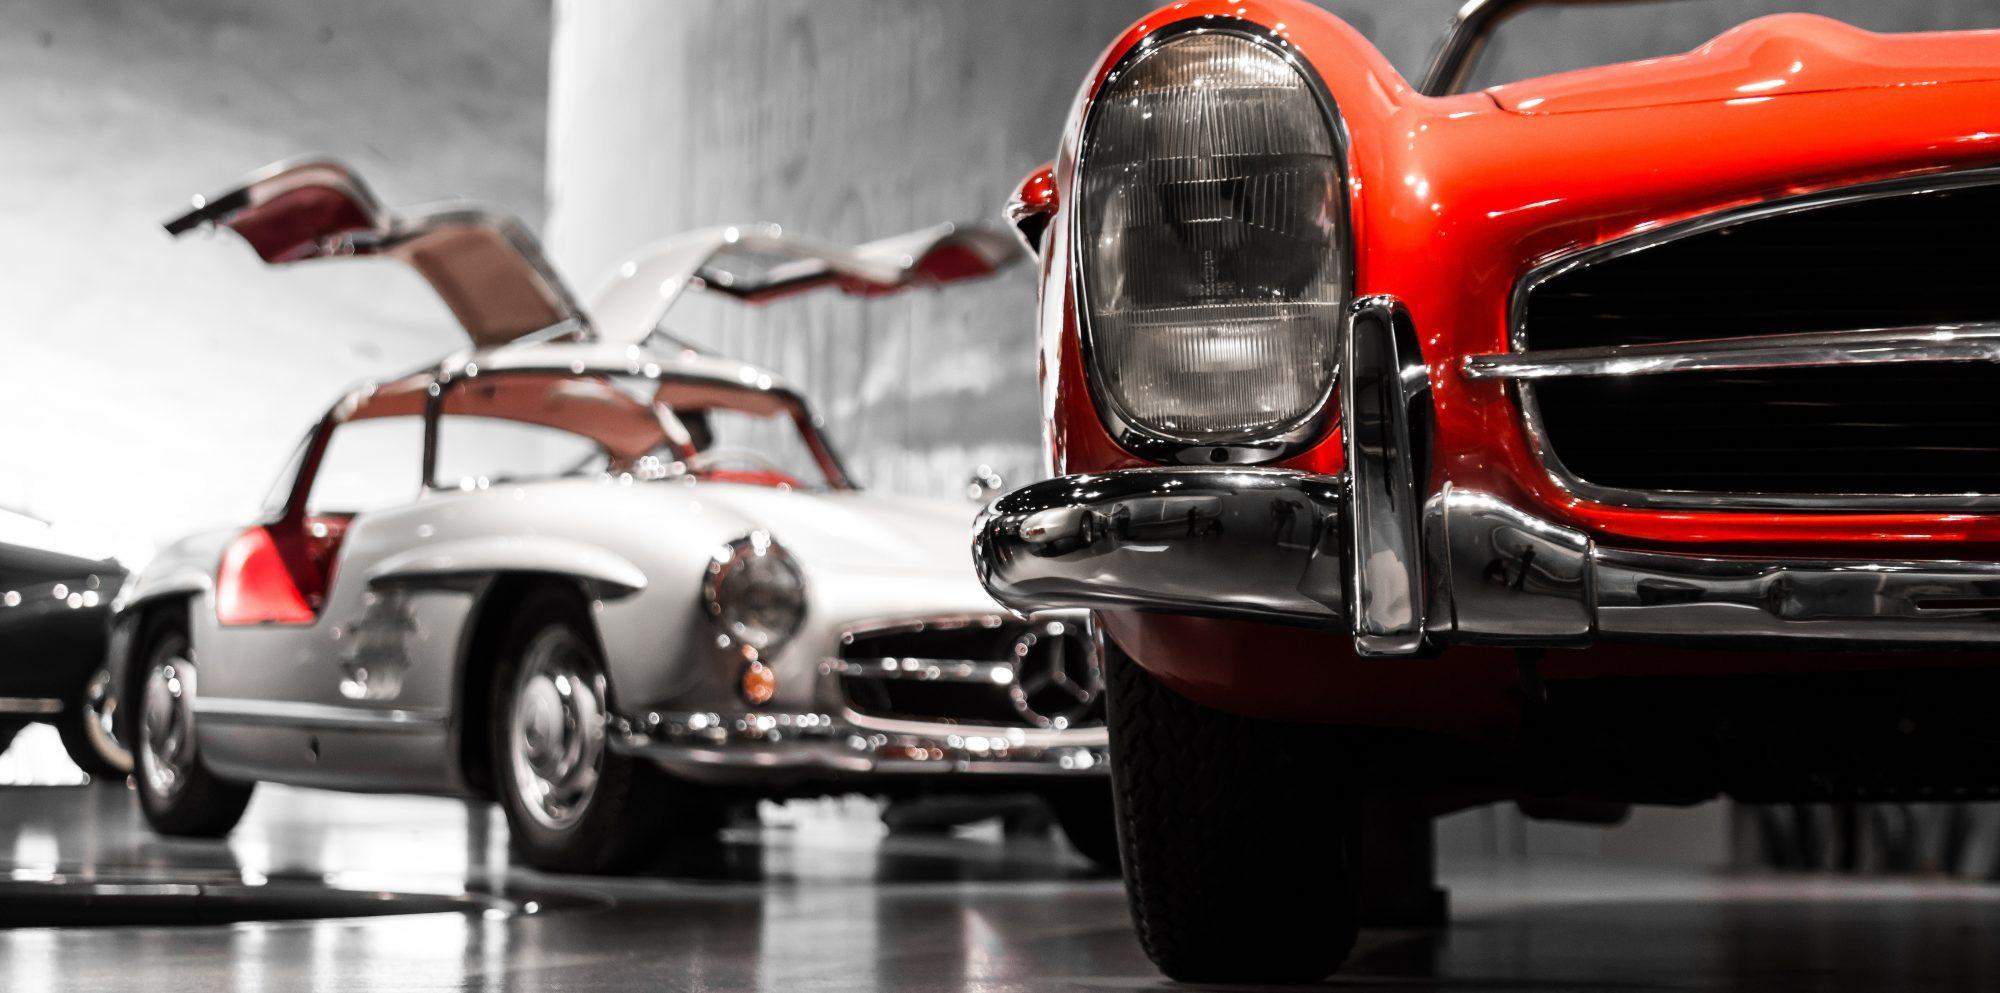 Dutch Car Club